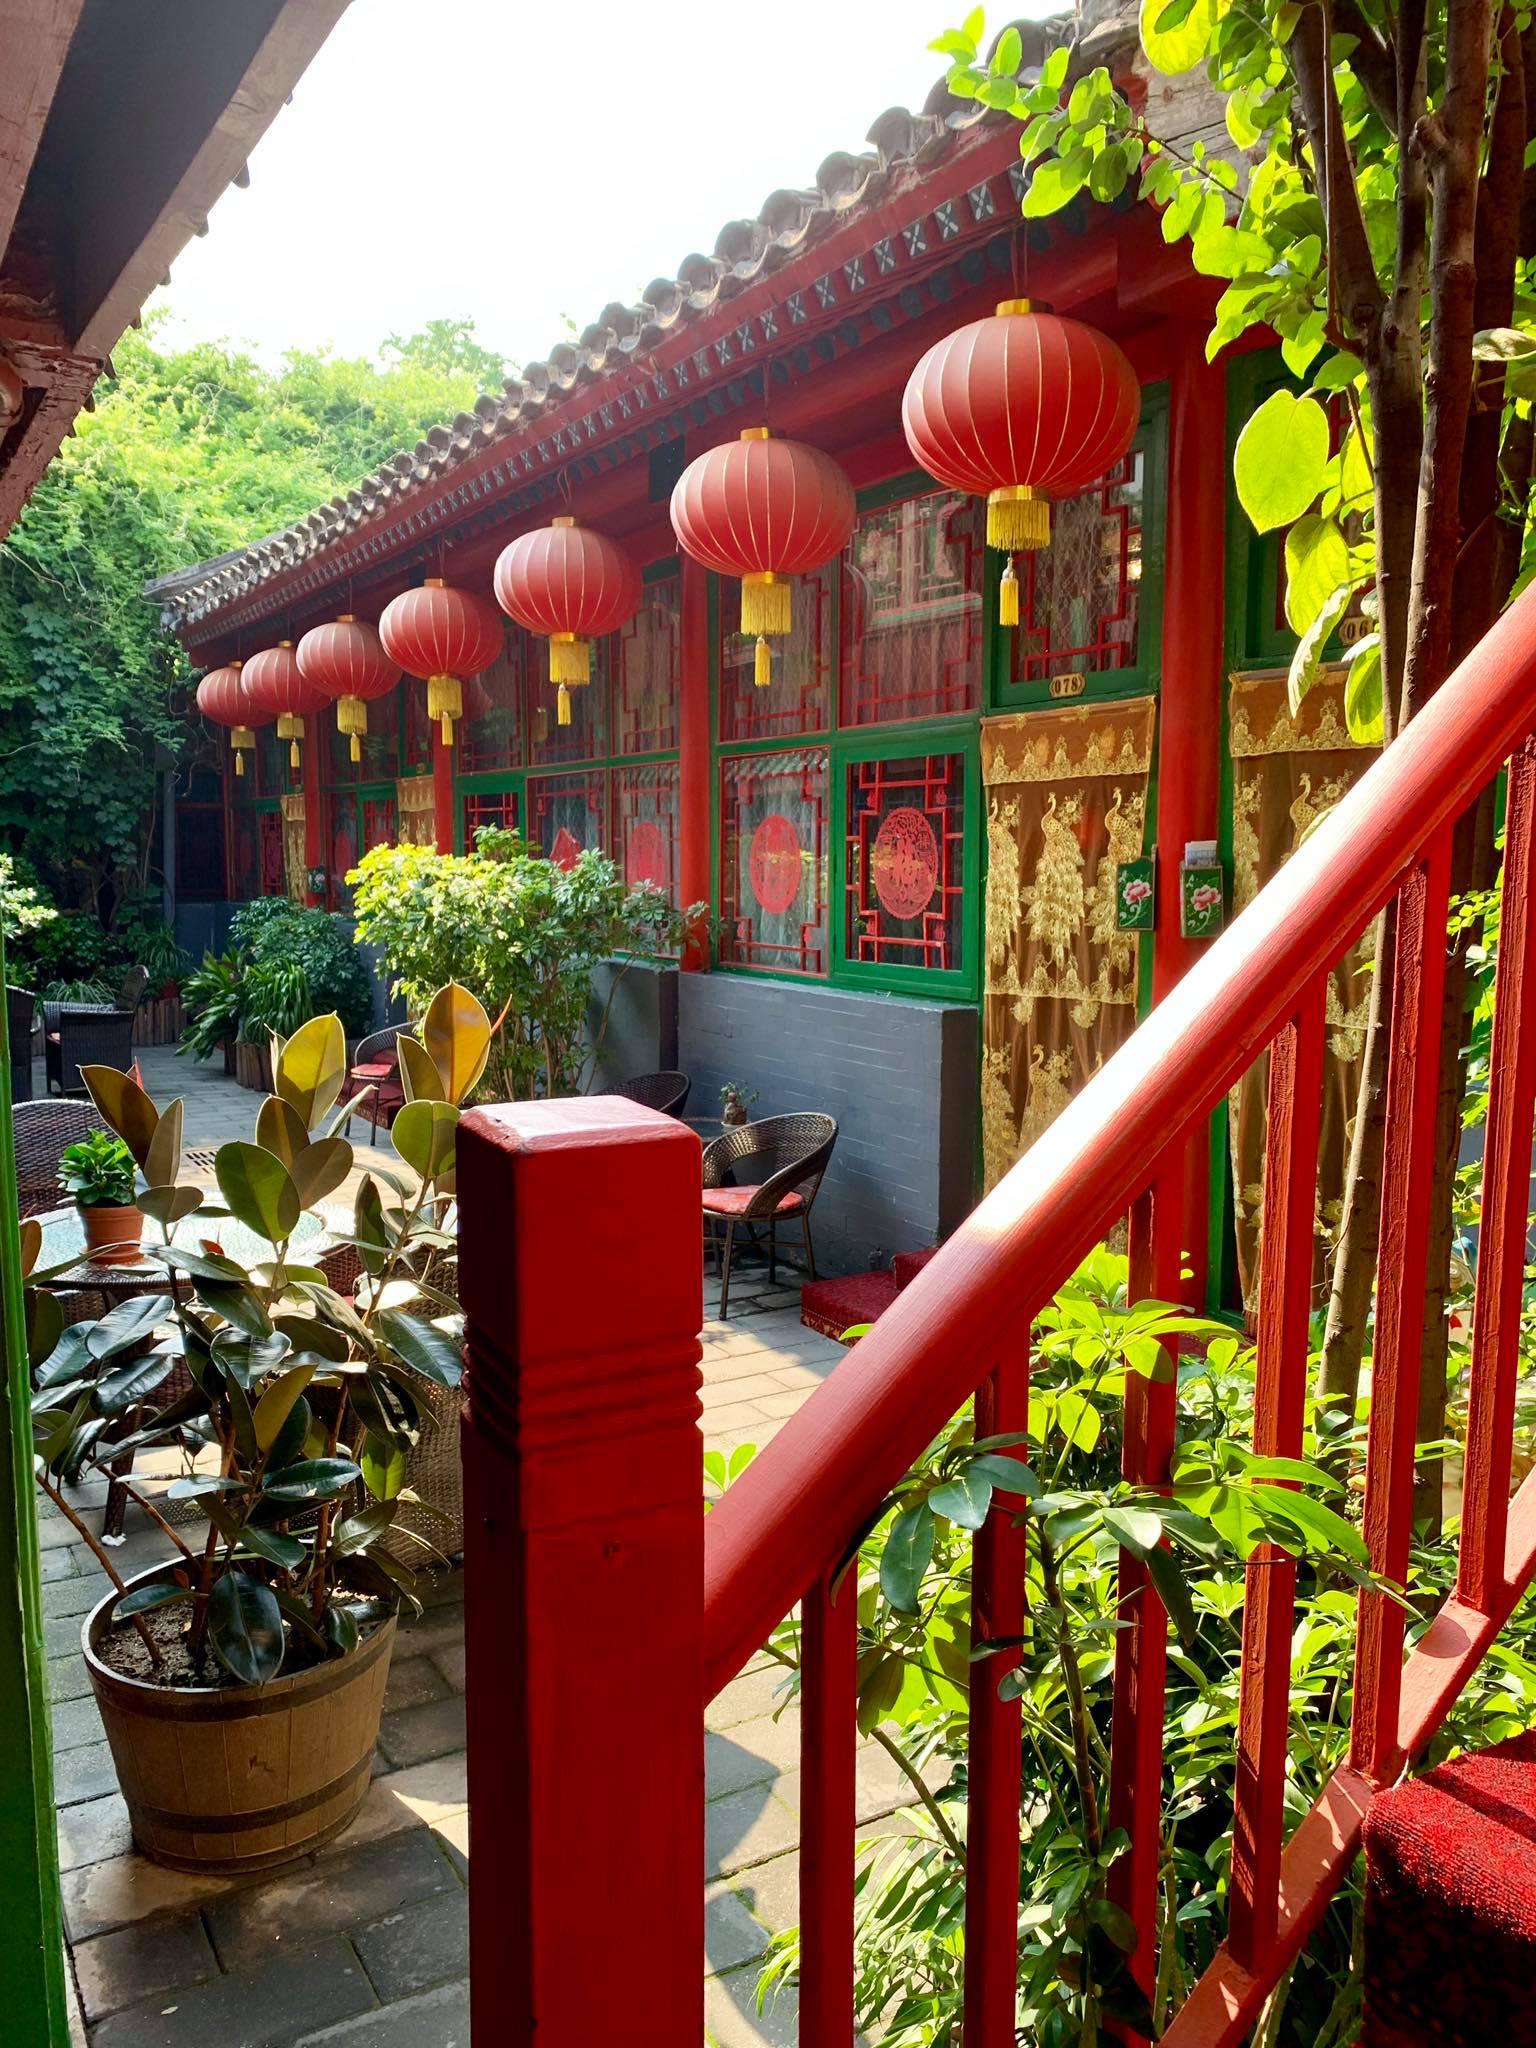 Day 1: Beijing / China